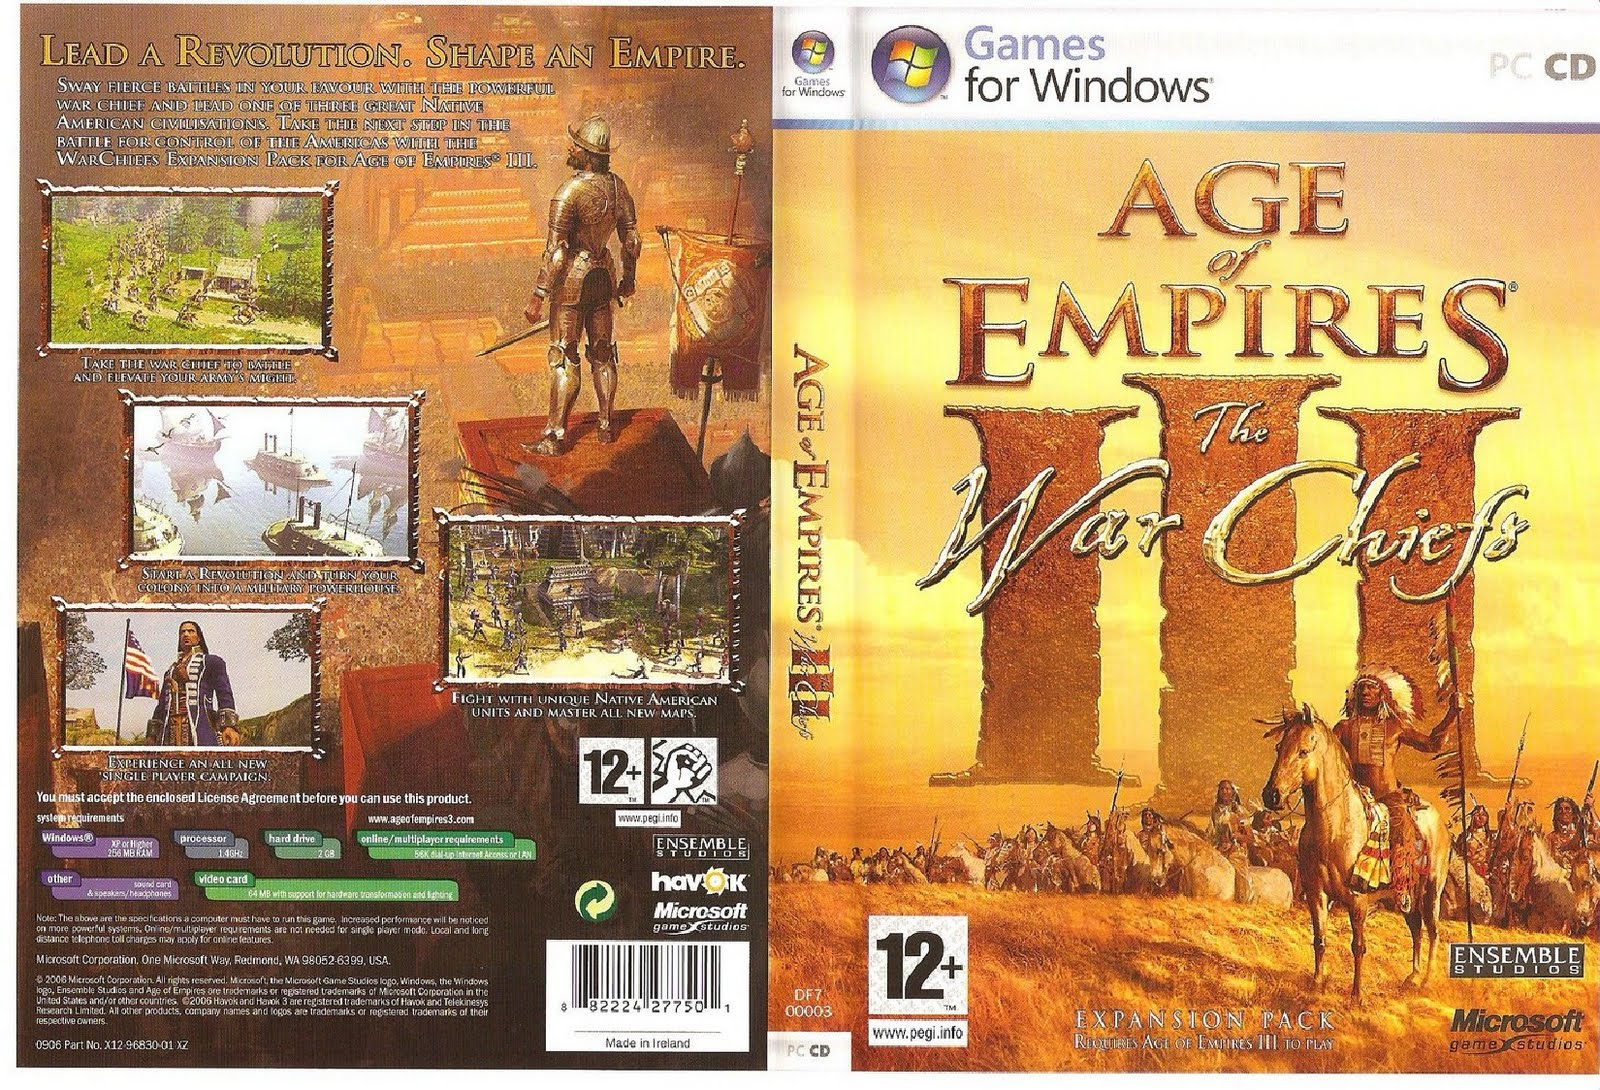 http://1.bp.blogspot.com/-3JGUqLOQyDk/TjVz_EGXJTI/AAAAAAAABm0/w4QMoaWq67A/s1600/Age_Of_Empires_III_-_The_Warchiefs.jpg